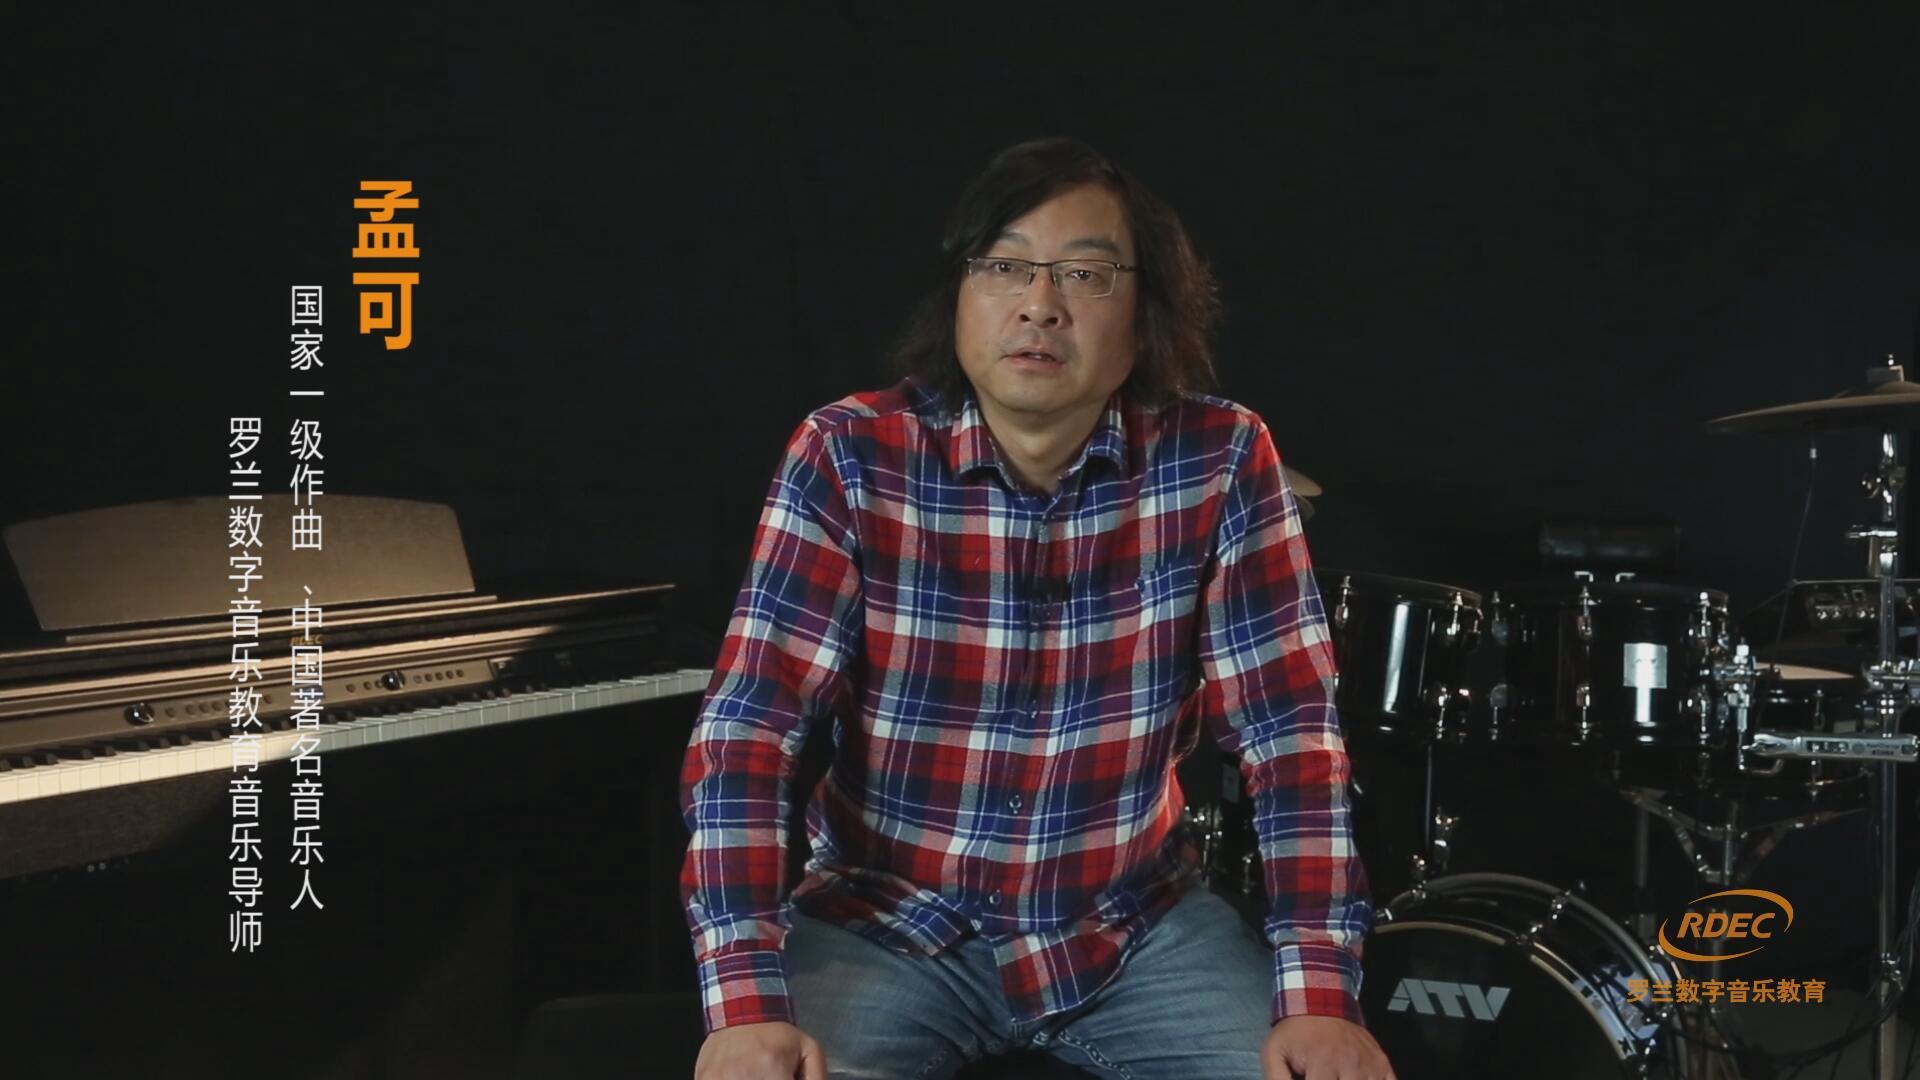 北京8分钟音乐总监孟可专访视频